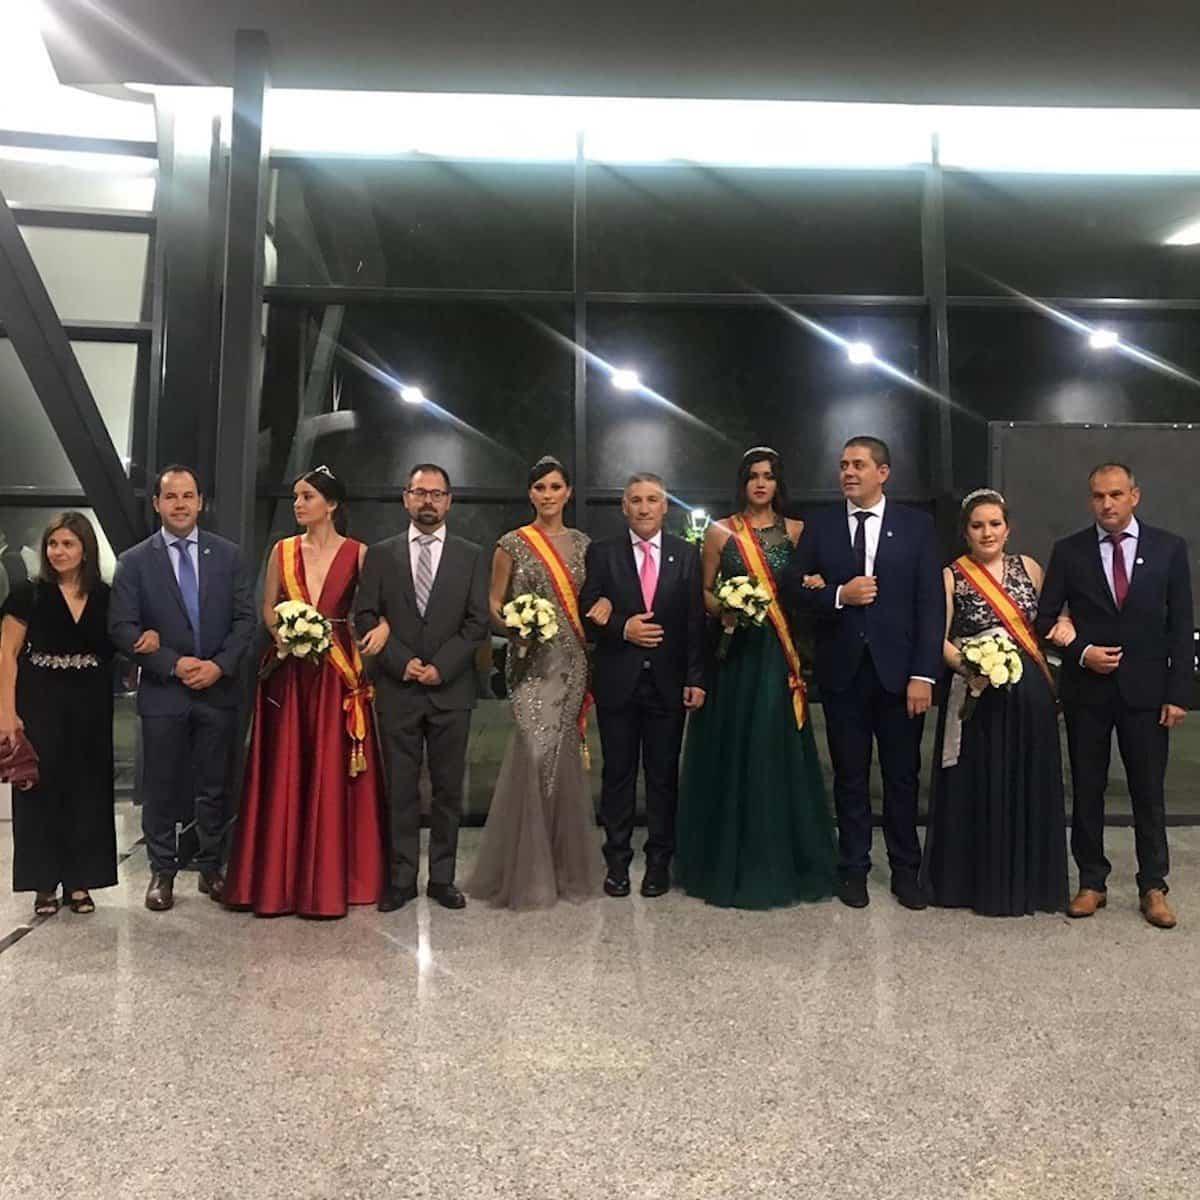 reina y damas feria fiestas 2019 herencia - Inauguración de la Feria y Fiestas 2019 de Herencia